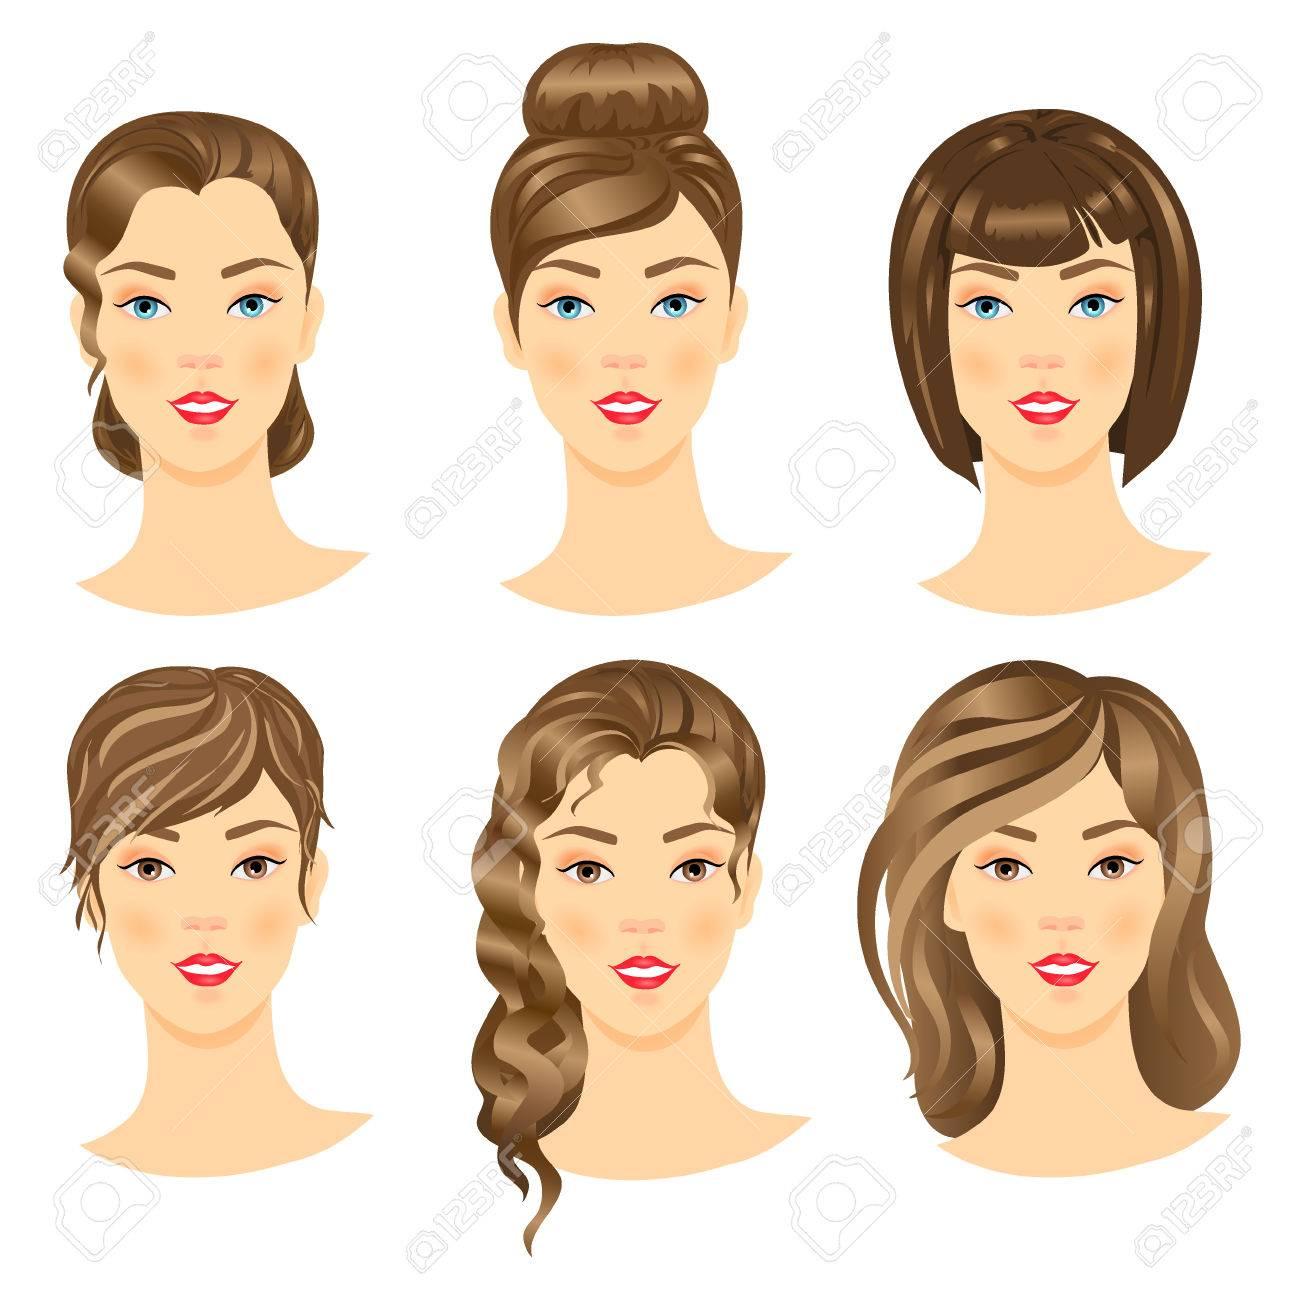 Set Von Niedlichen Mädchen Mit Verschiedenen Hairstyles.Vector ...